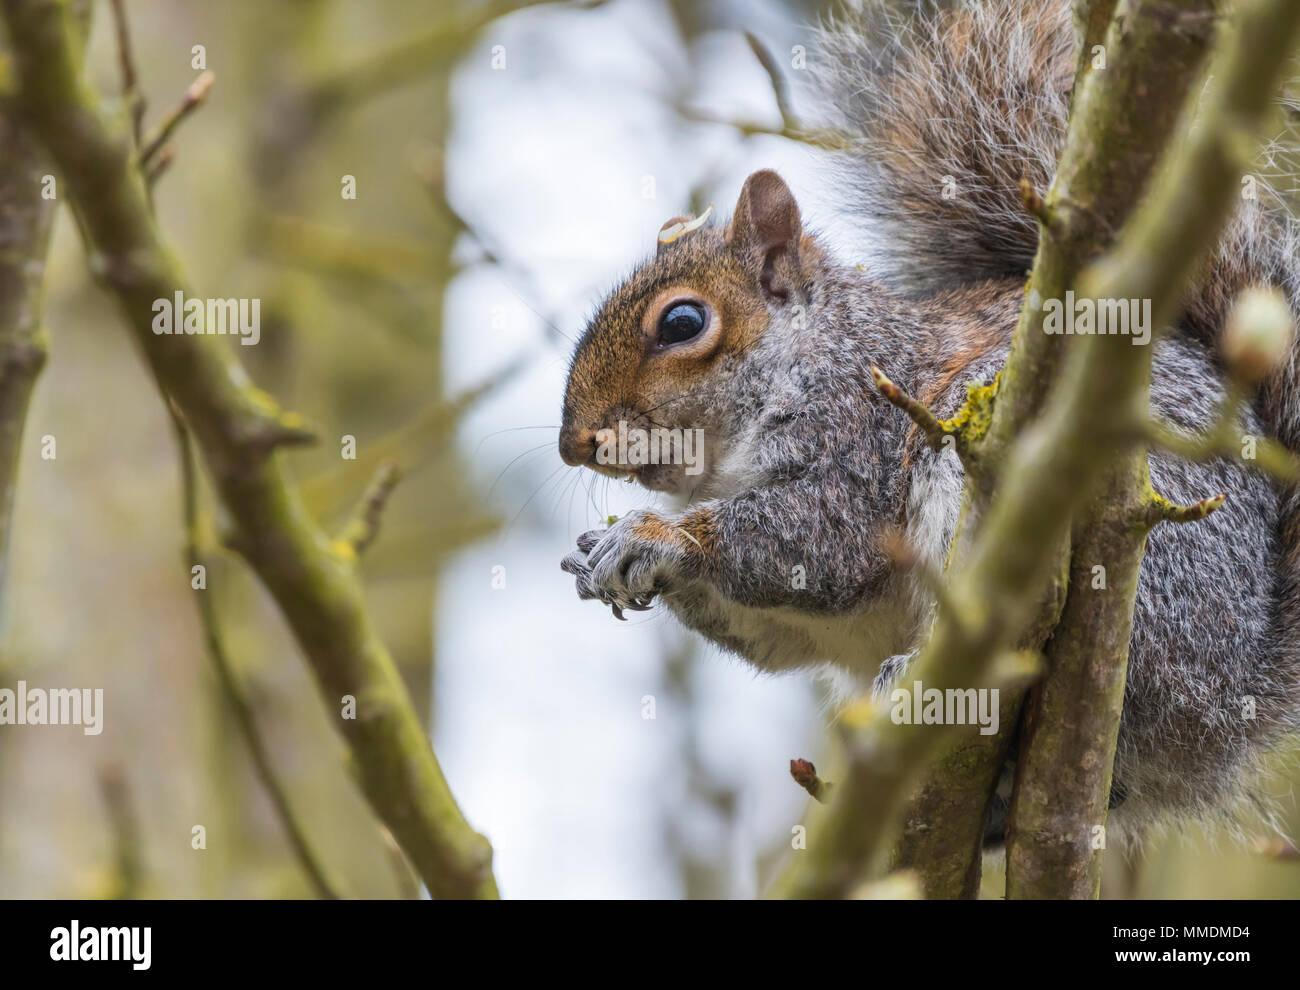 L'Écureuil gris (Sciurus carolinensis) assis dans un arbre de manger une noix au printemps dans le West Sussex, Angleterre, Royaume-Uni. L'Écureuil gris. Photo Stock